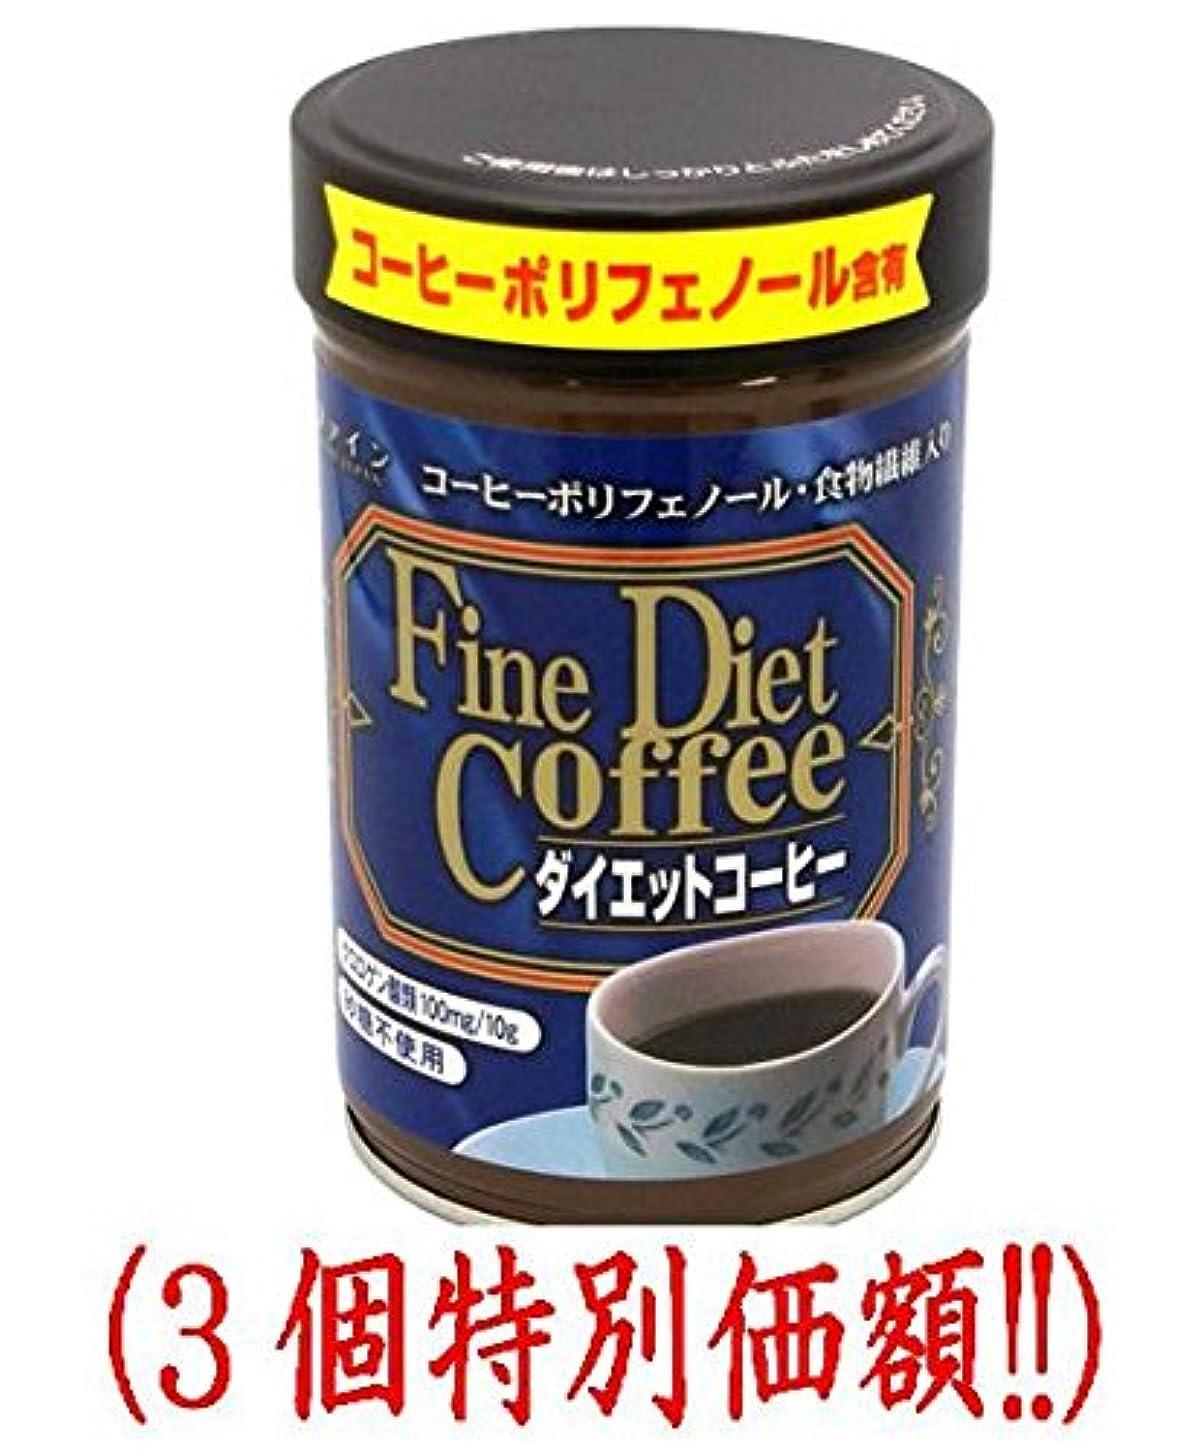 検証素晴らしいです贅沢なファイン ダイエットコーヒー【3本セット】